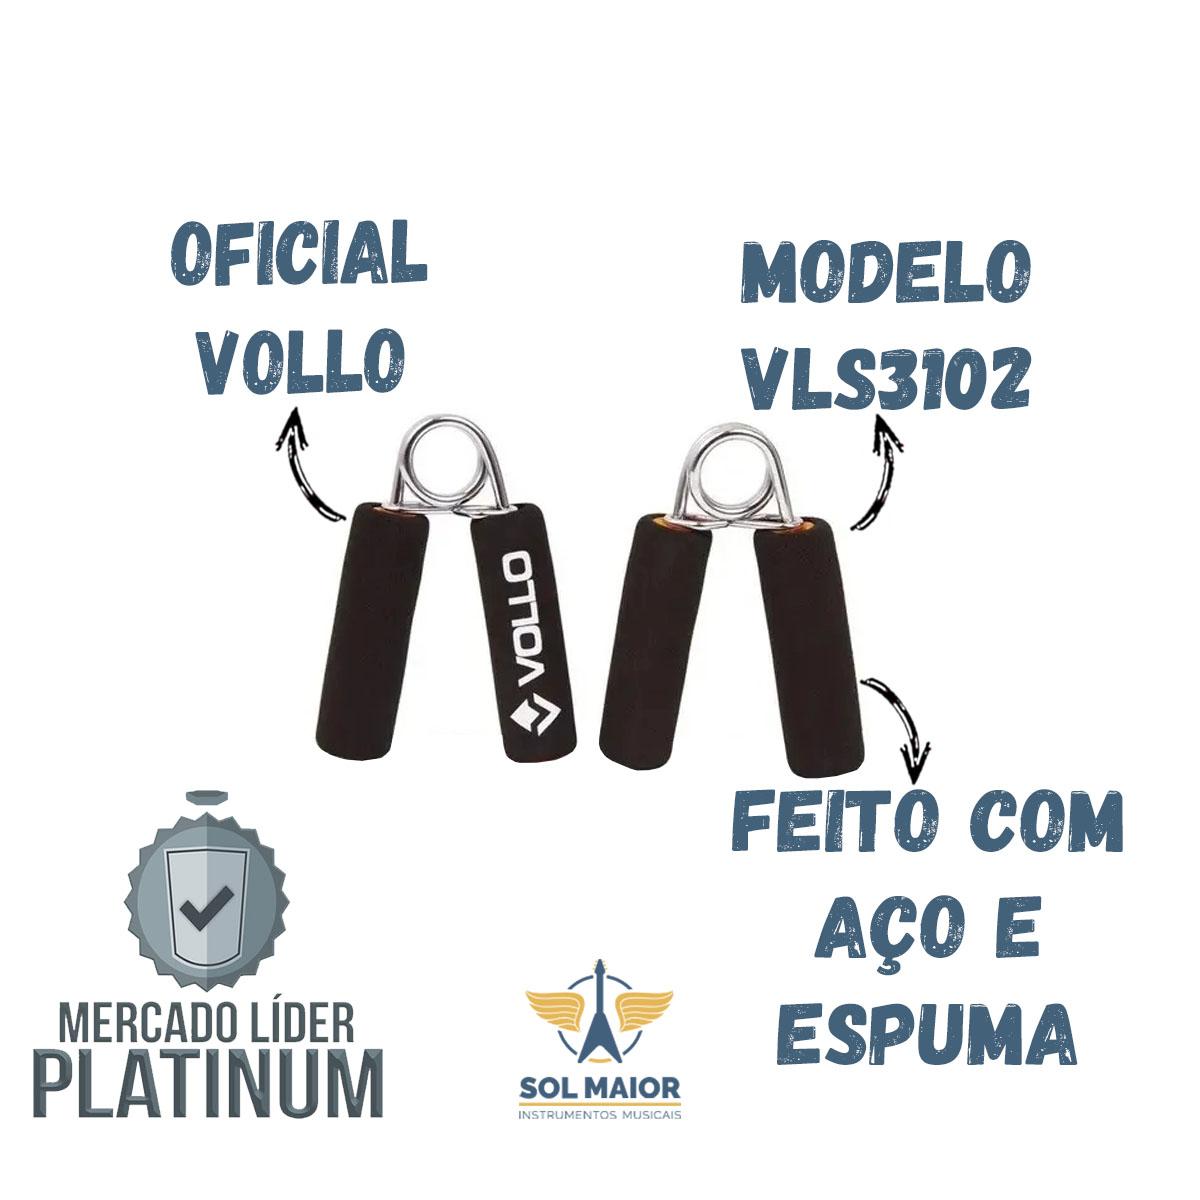 Hand Grip Com Cabo Em Espuma Aço 2 Unidades - Vollo Vls3102